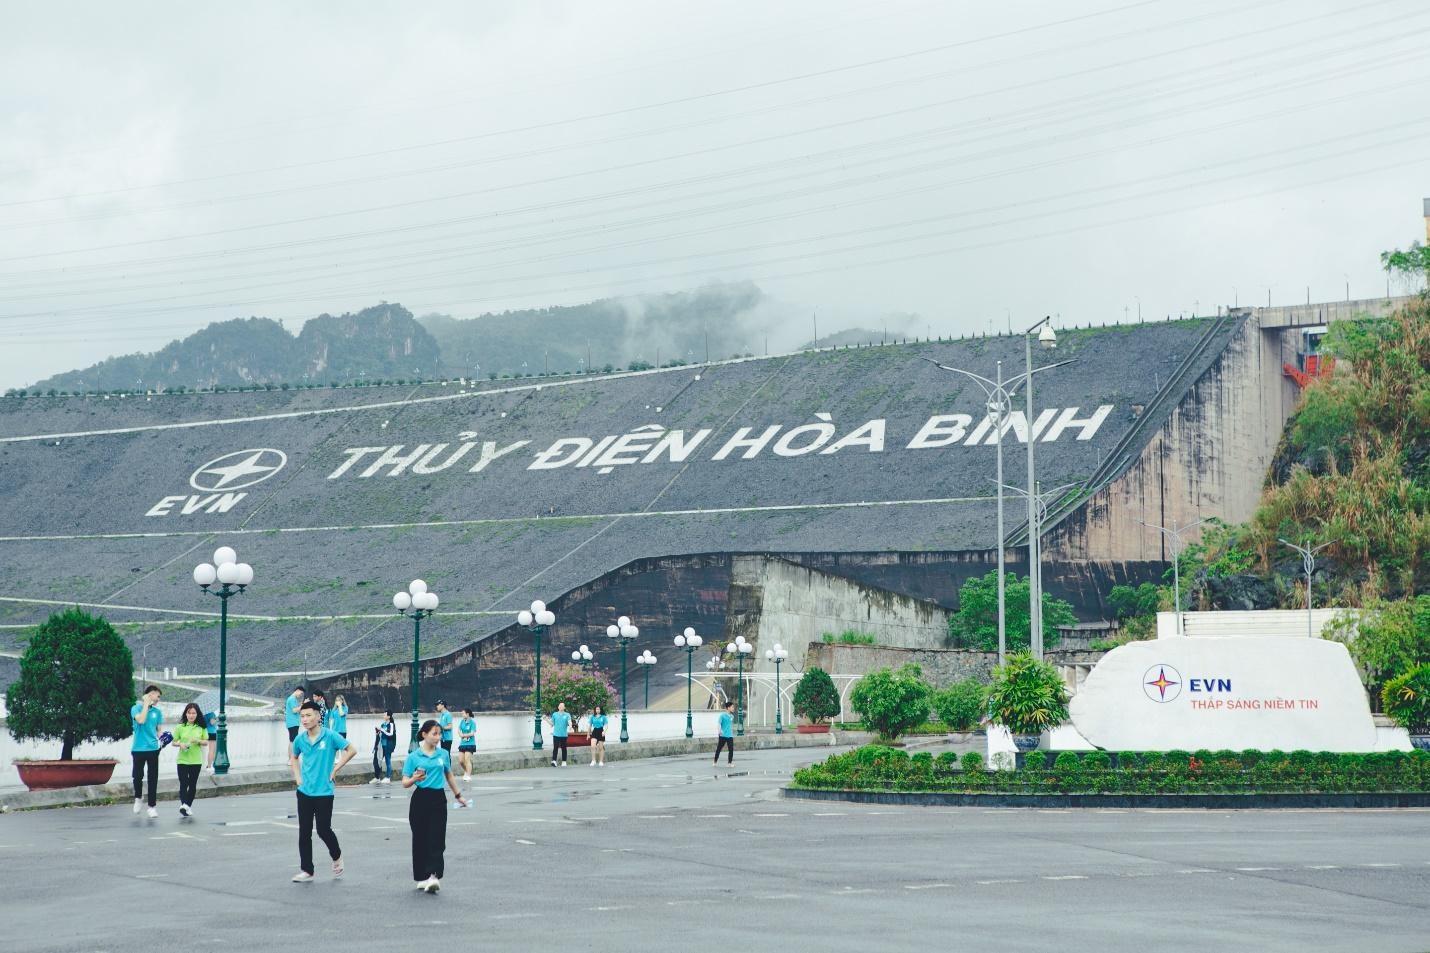 Chuyến dã ngoại đầy ắp kỷ niệm của sinh viên Trường Doanh nhân CEO Việt Nam ảnh 2